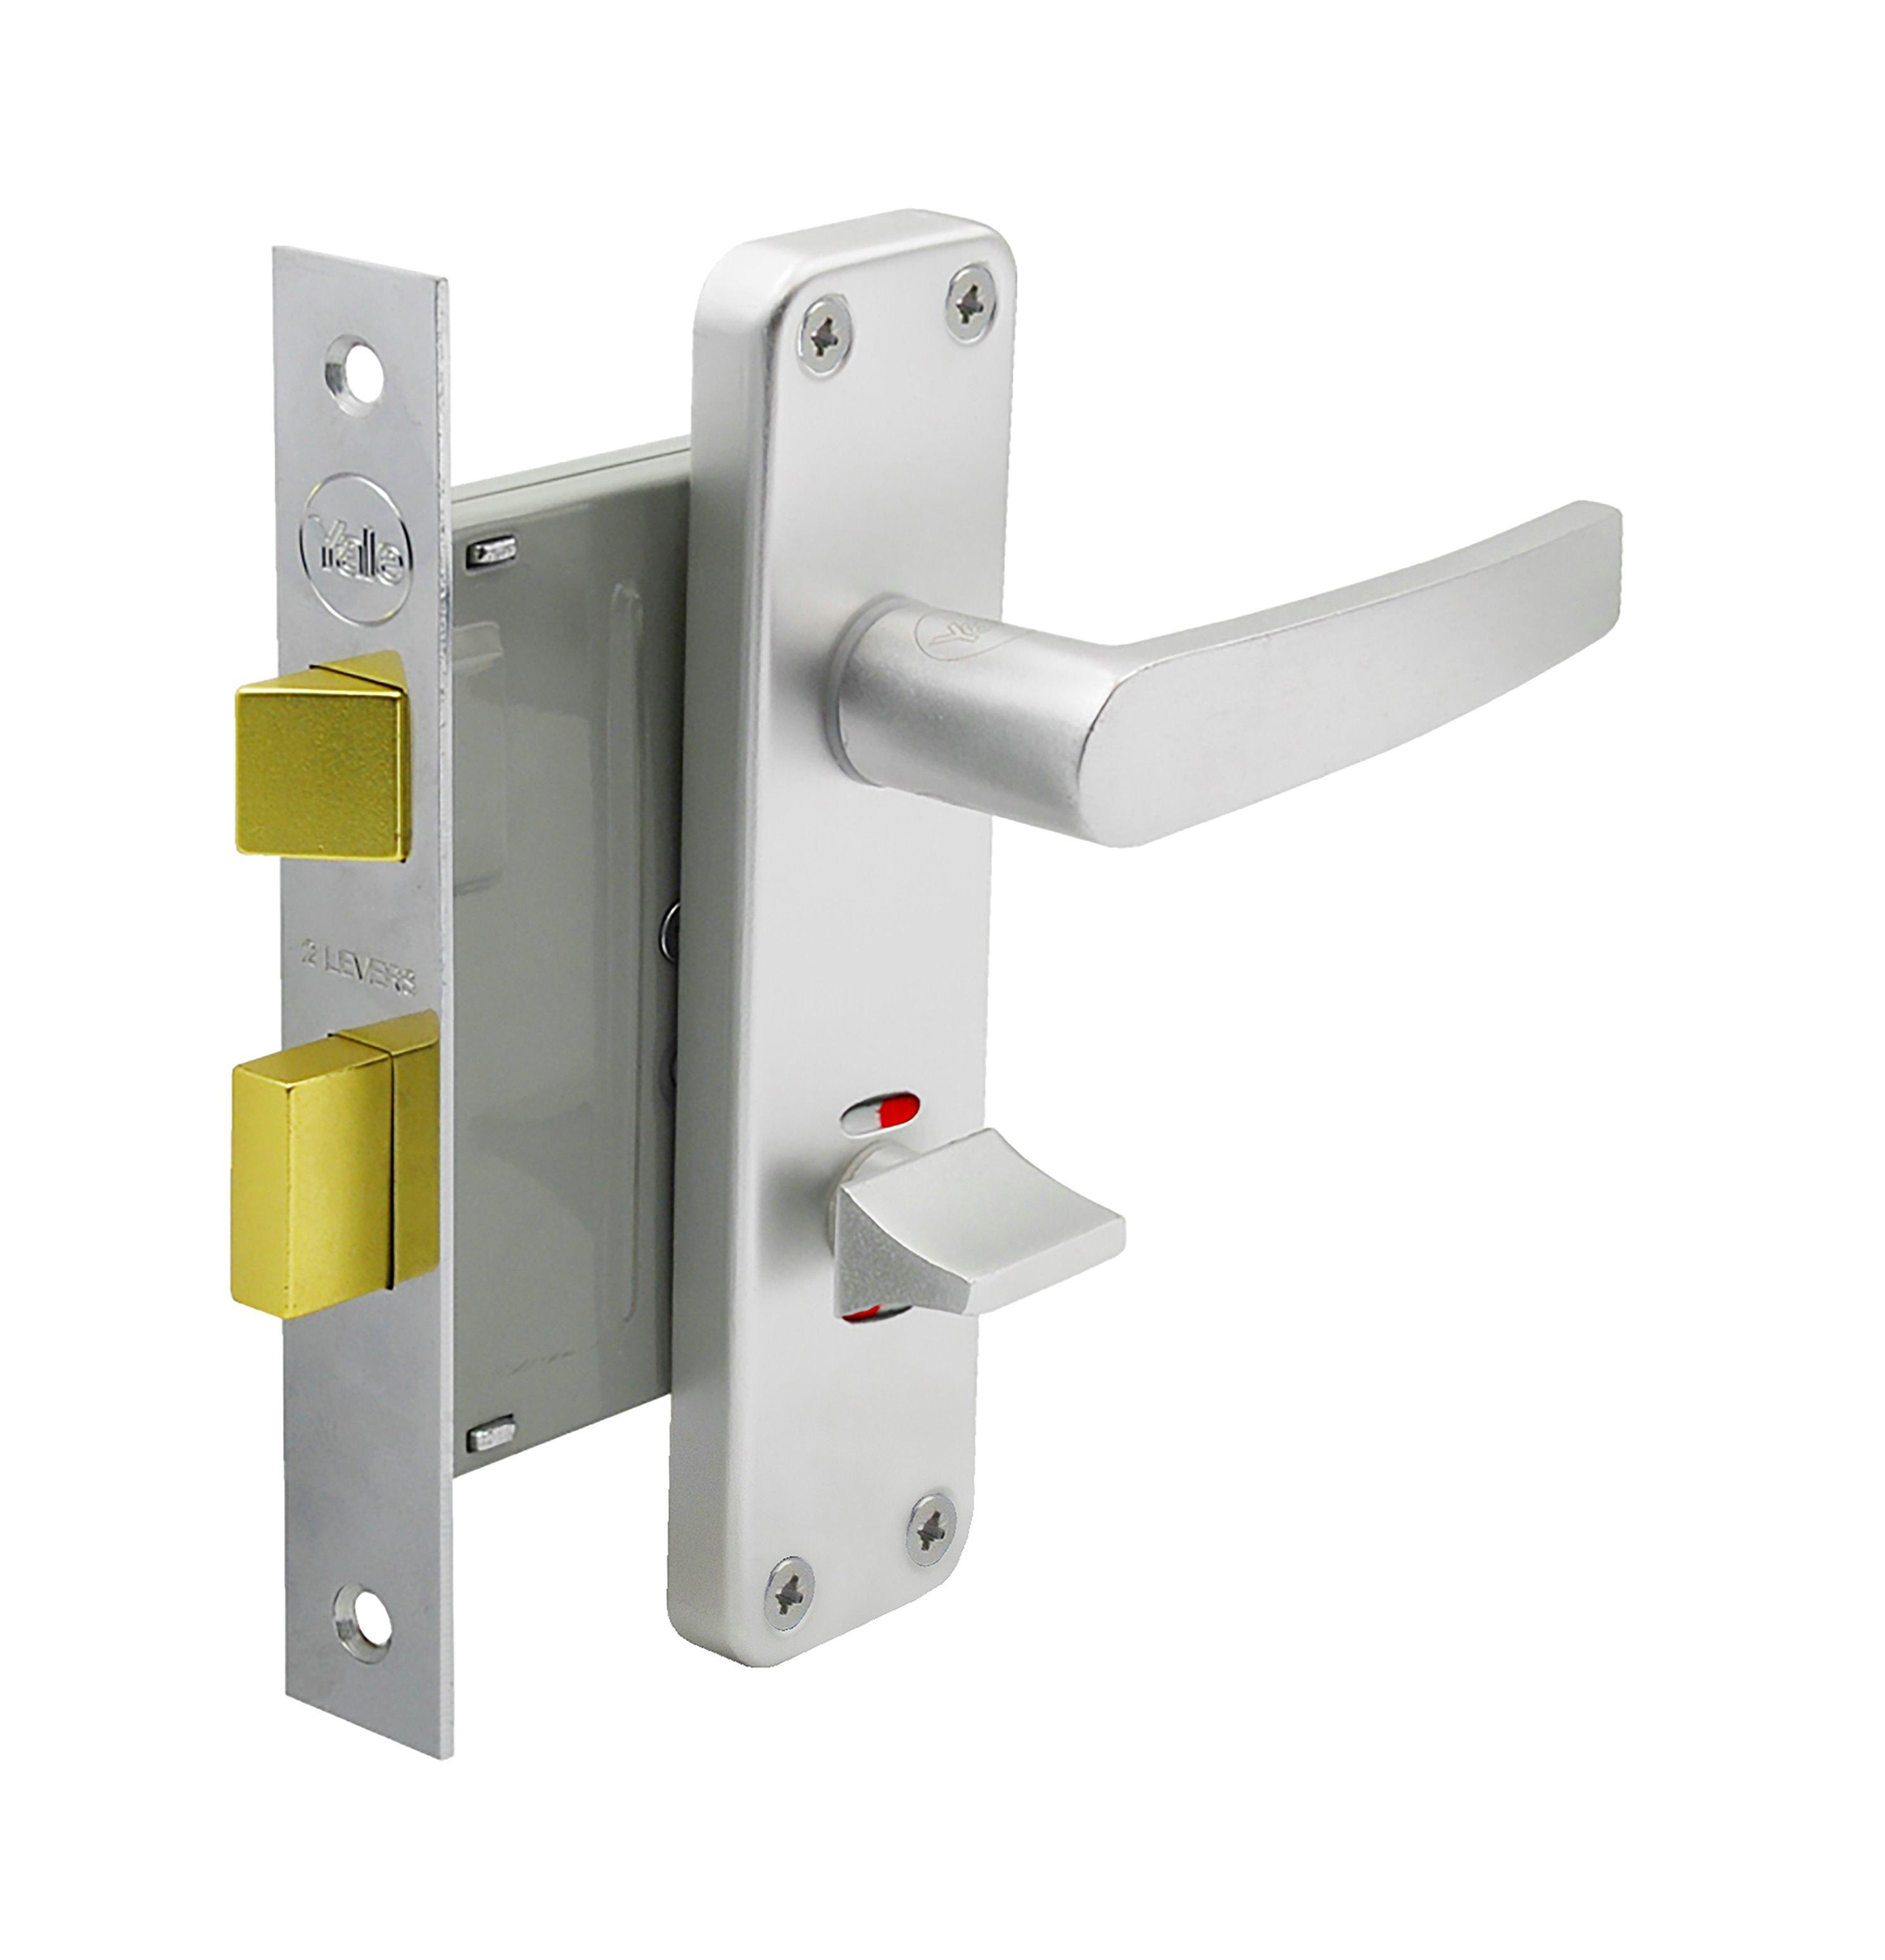 Bathroom lockset